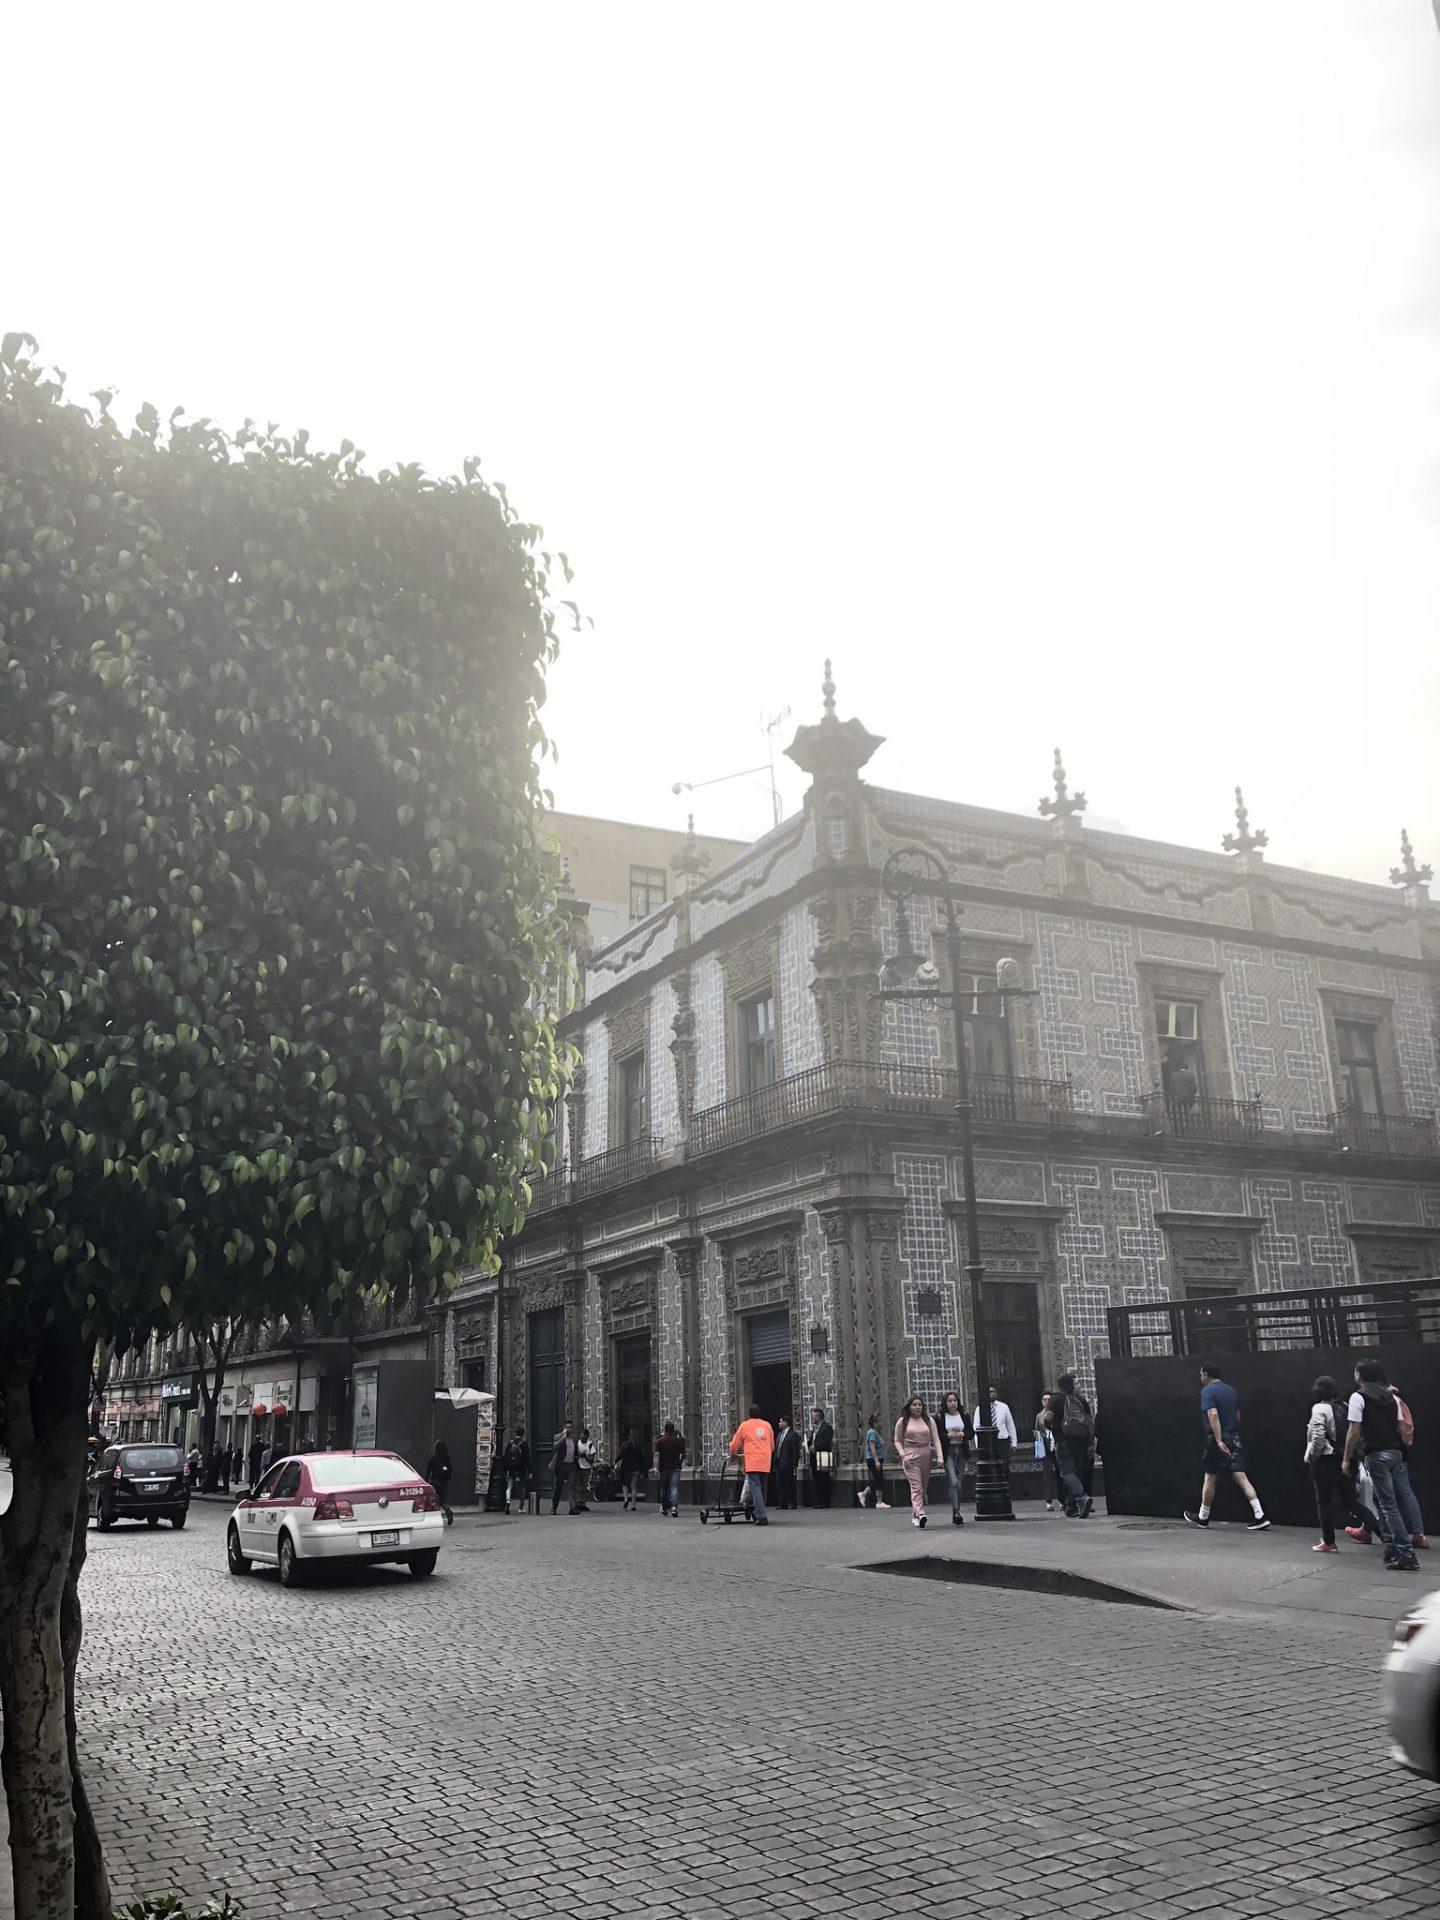 The House of Tiles or La Casa de los Azulejos, Mexico City